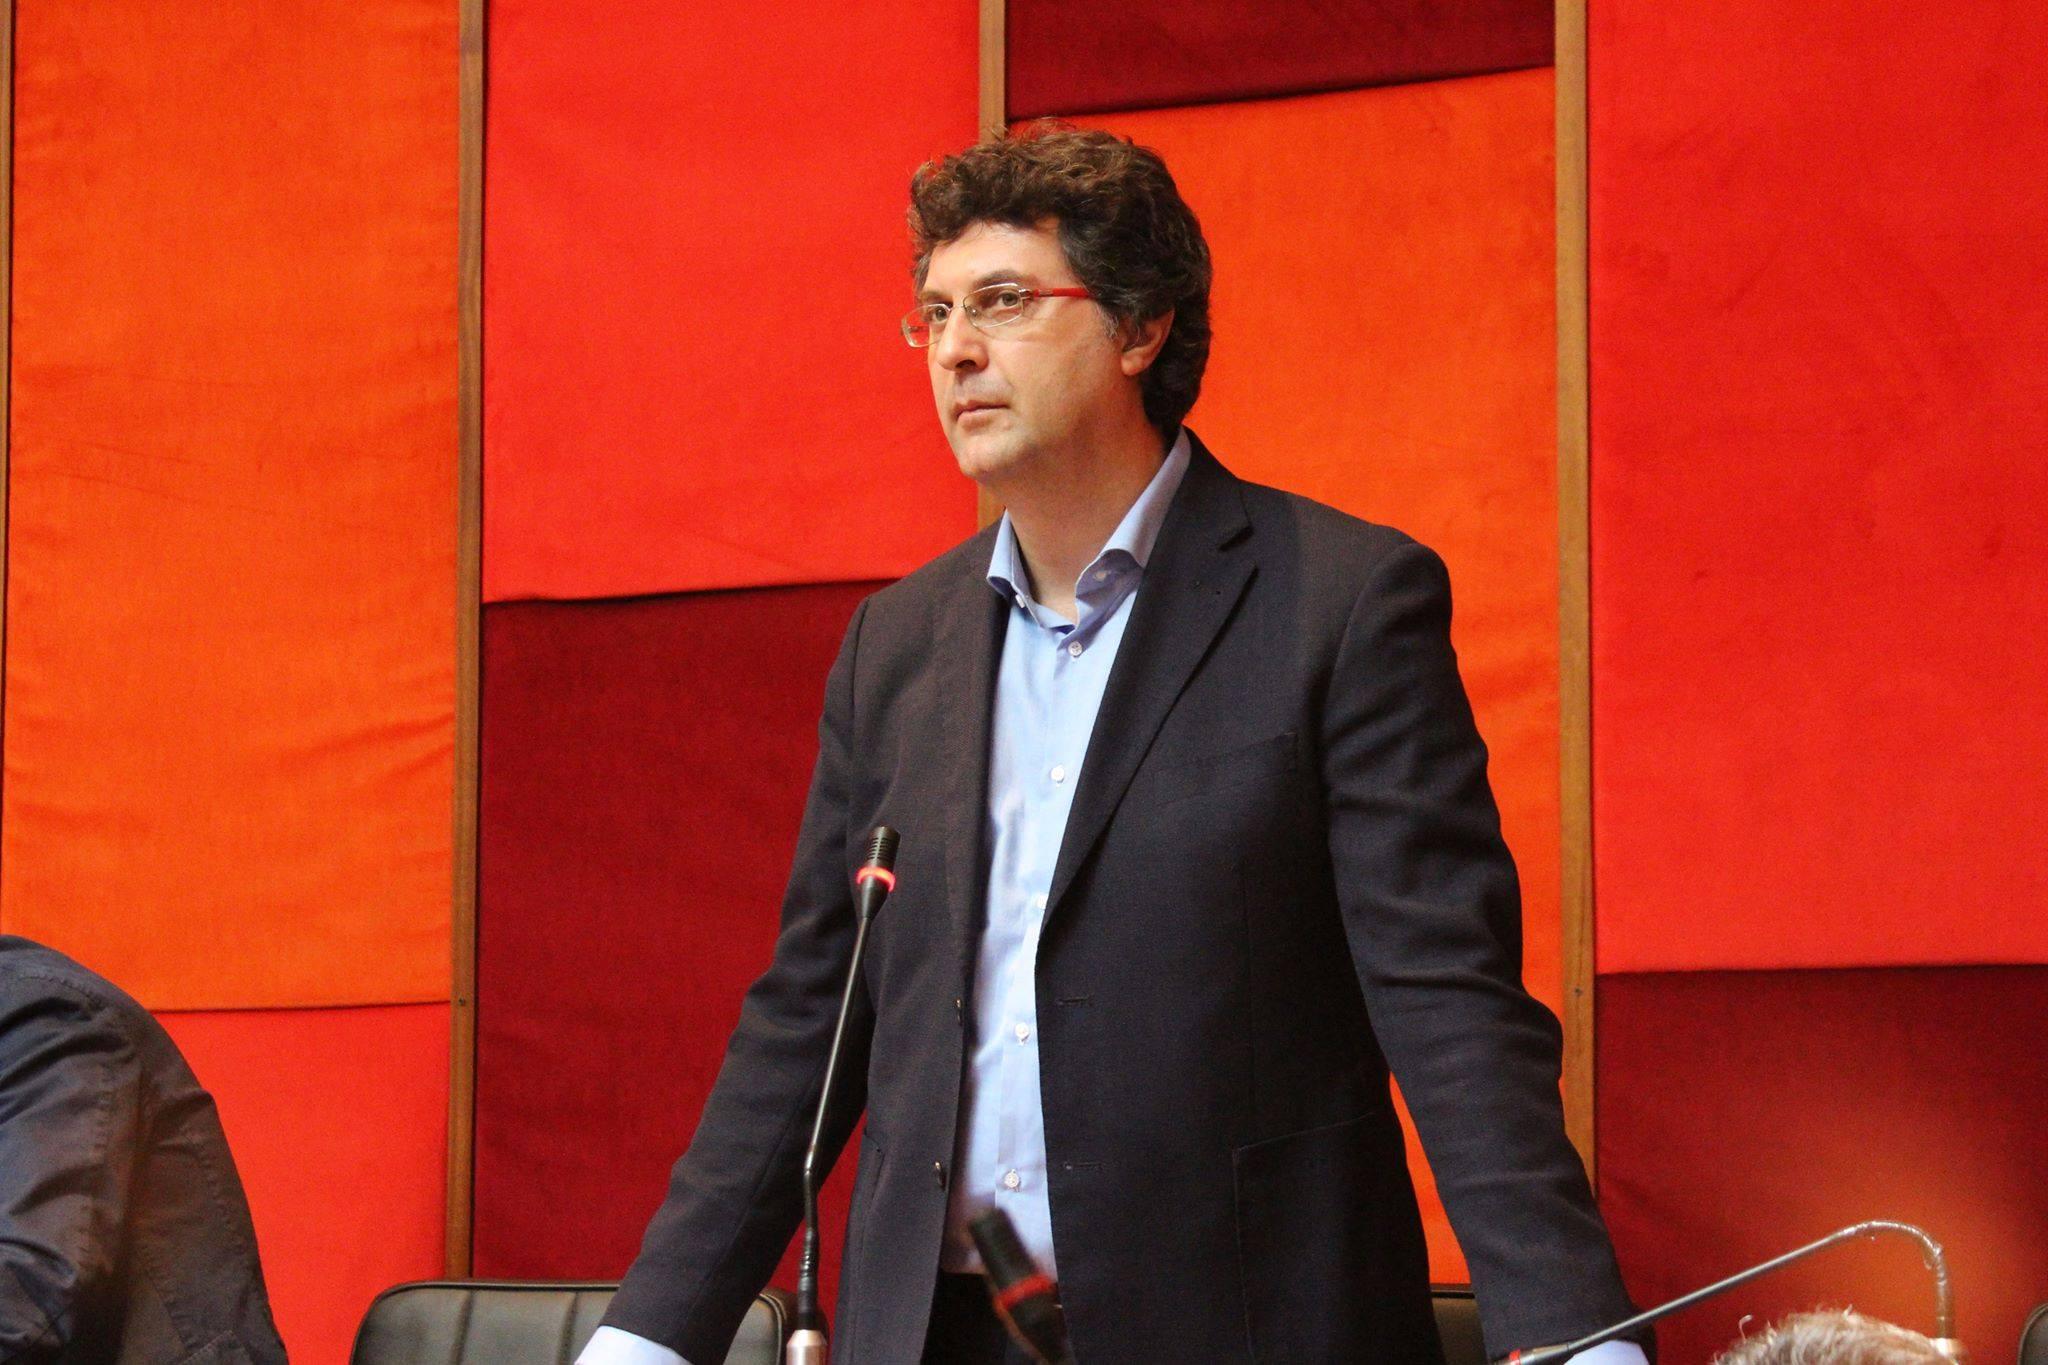 Matteo Brambilla